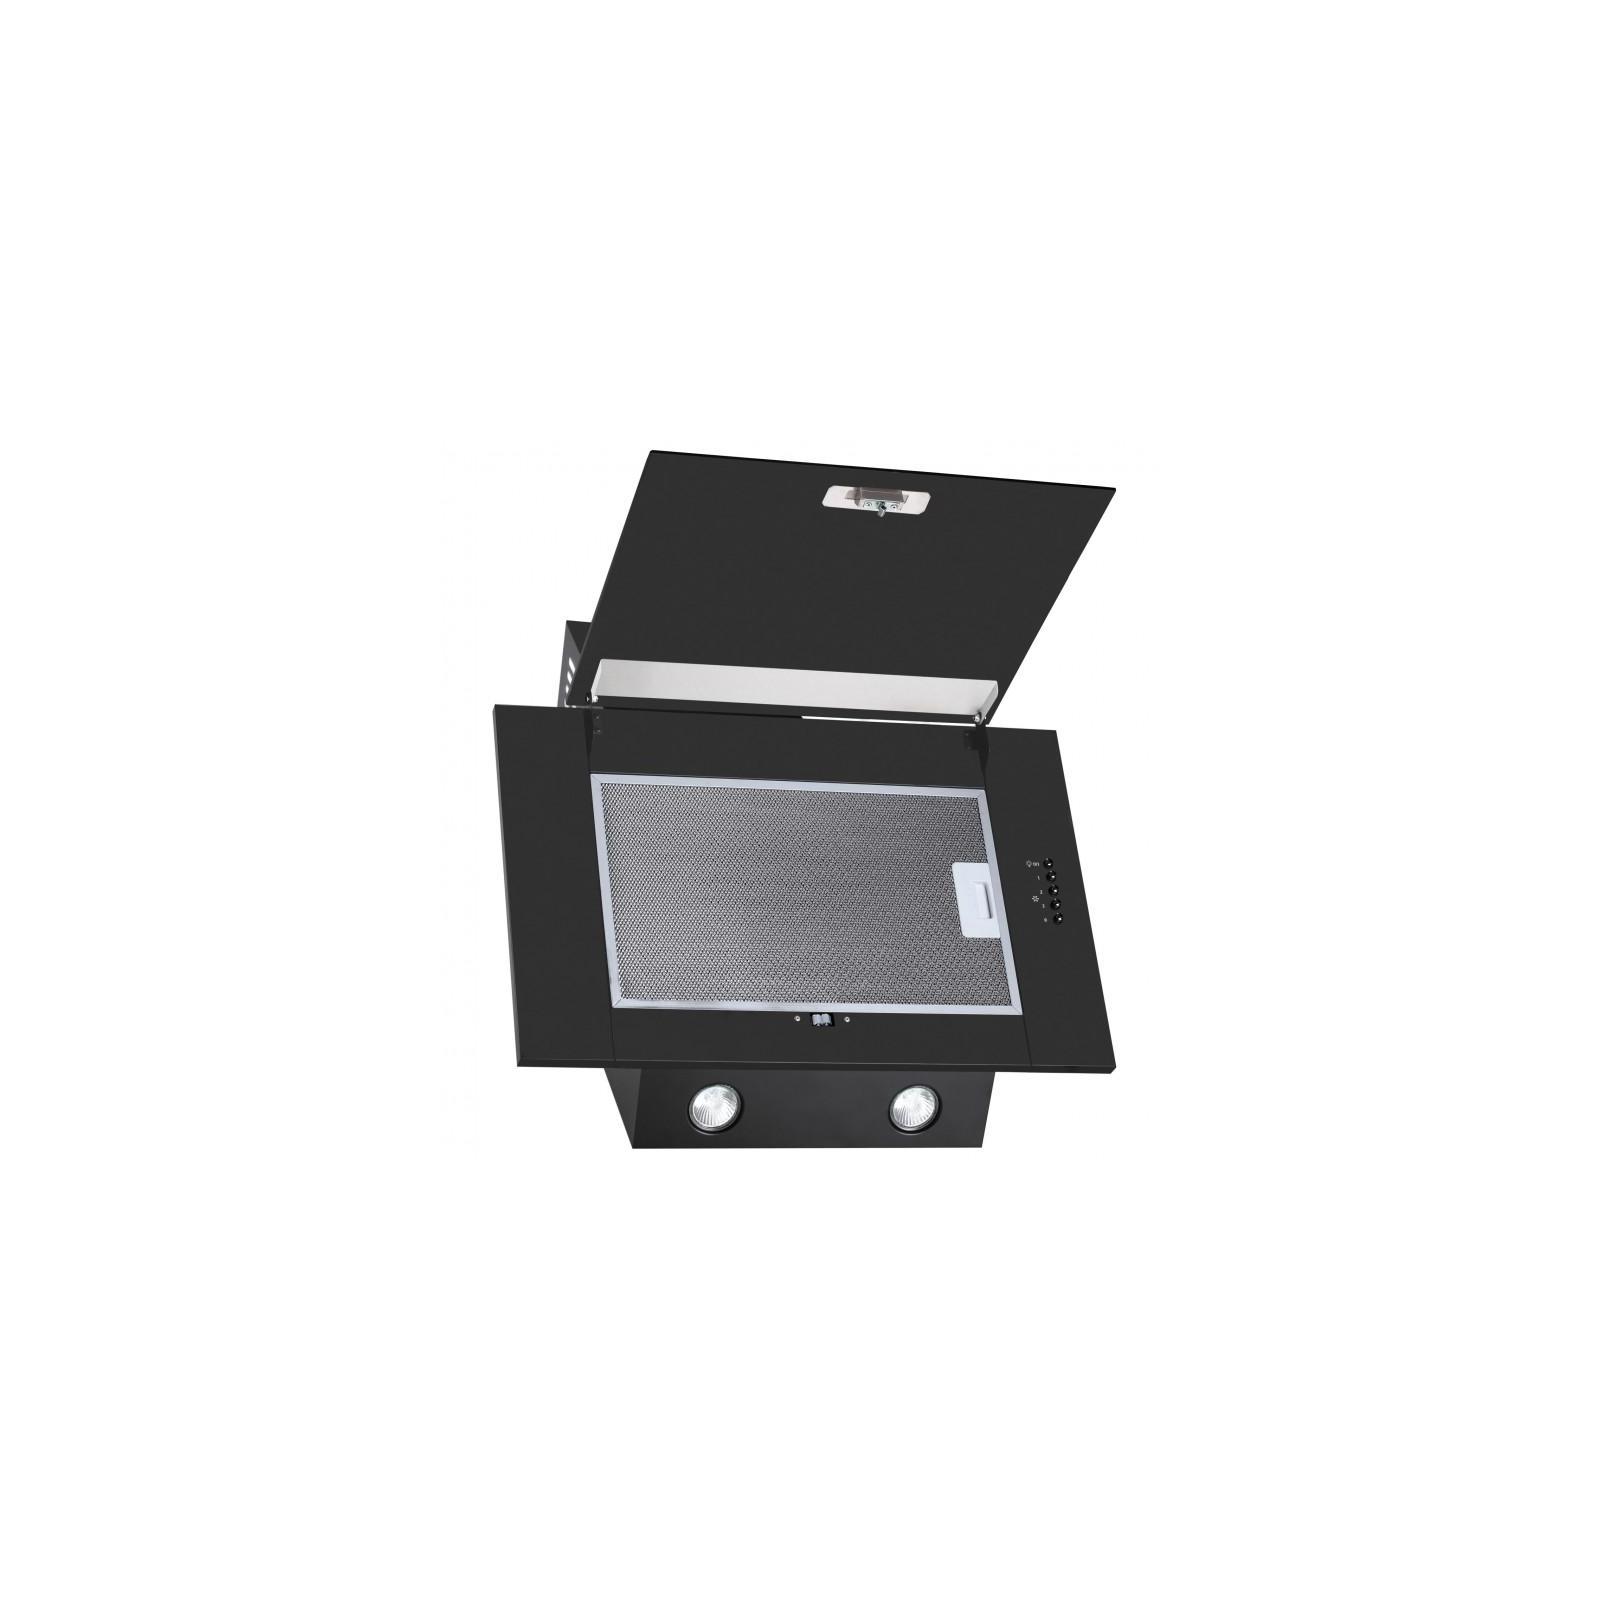 Вытяжка кухонная Eleyus Soul 700 50 WH изображение 5